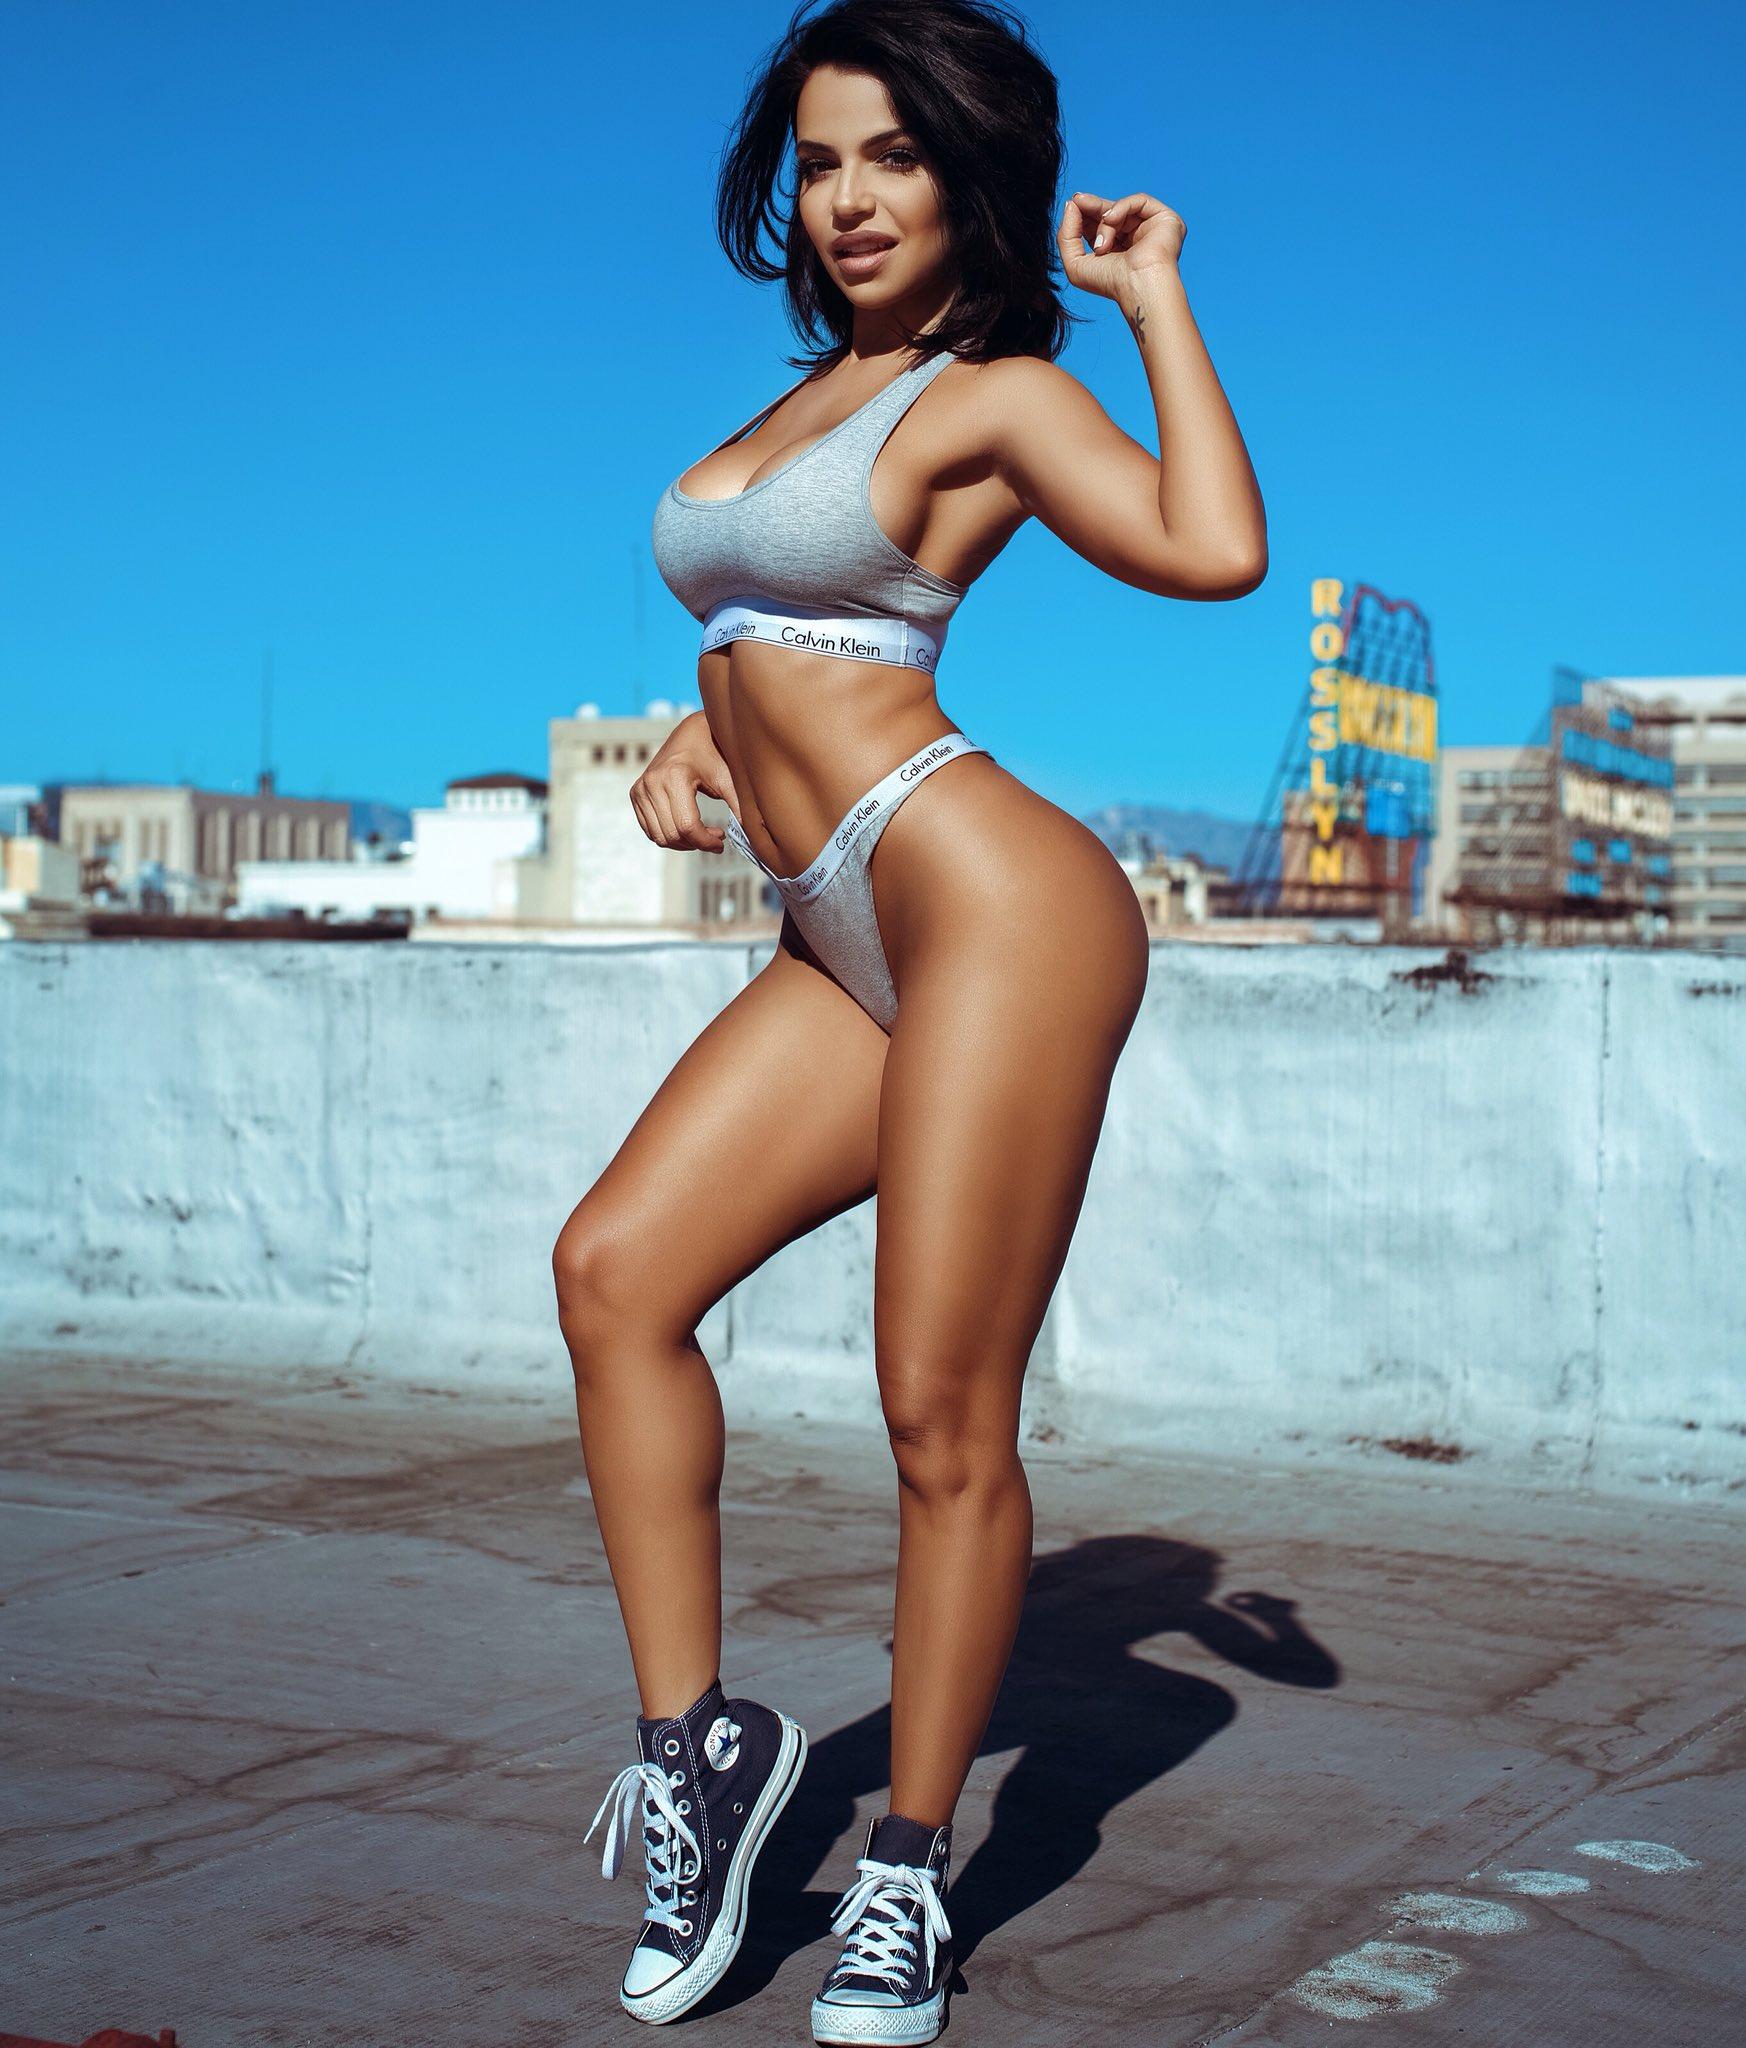 Sexy Pics Of Vida Guerra